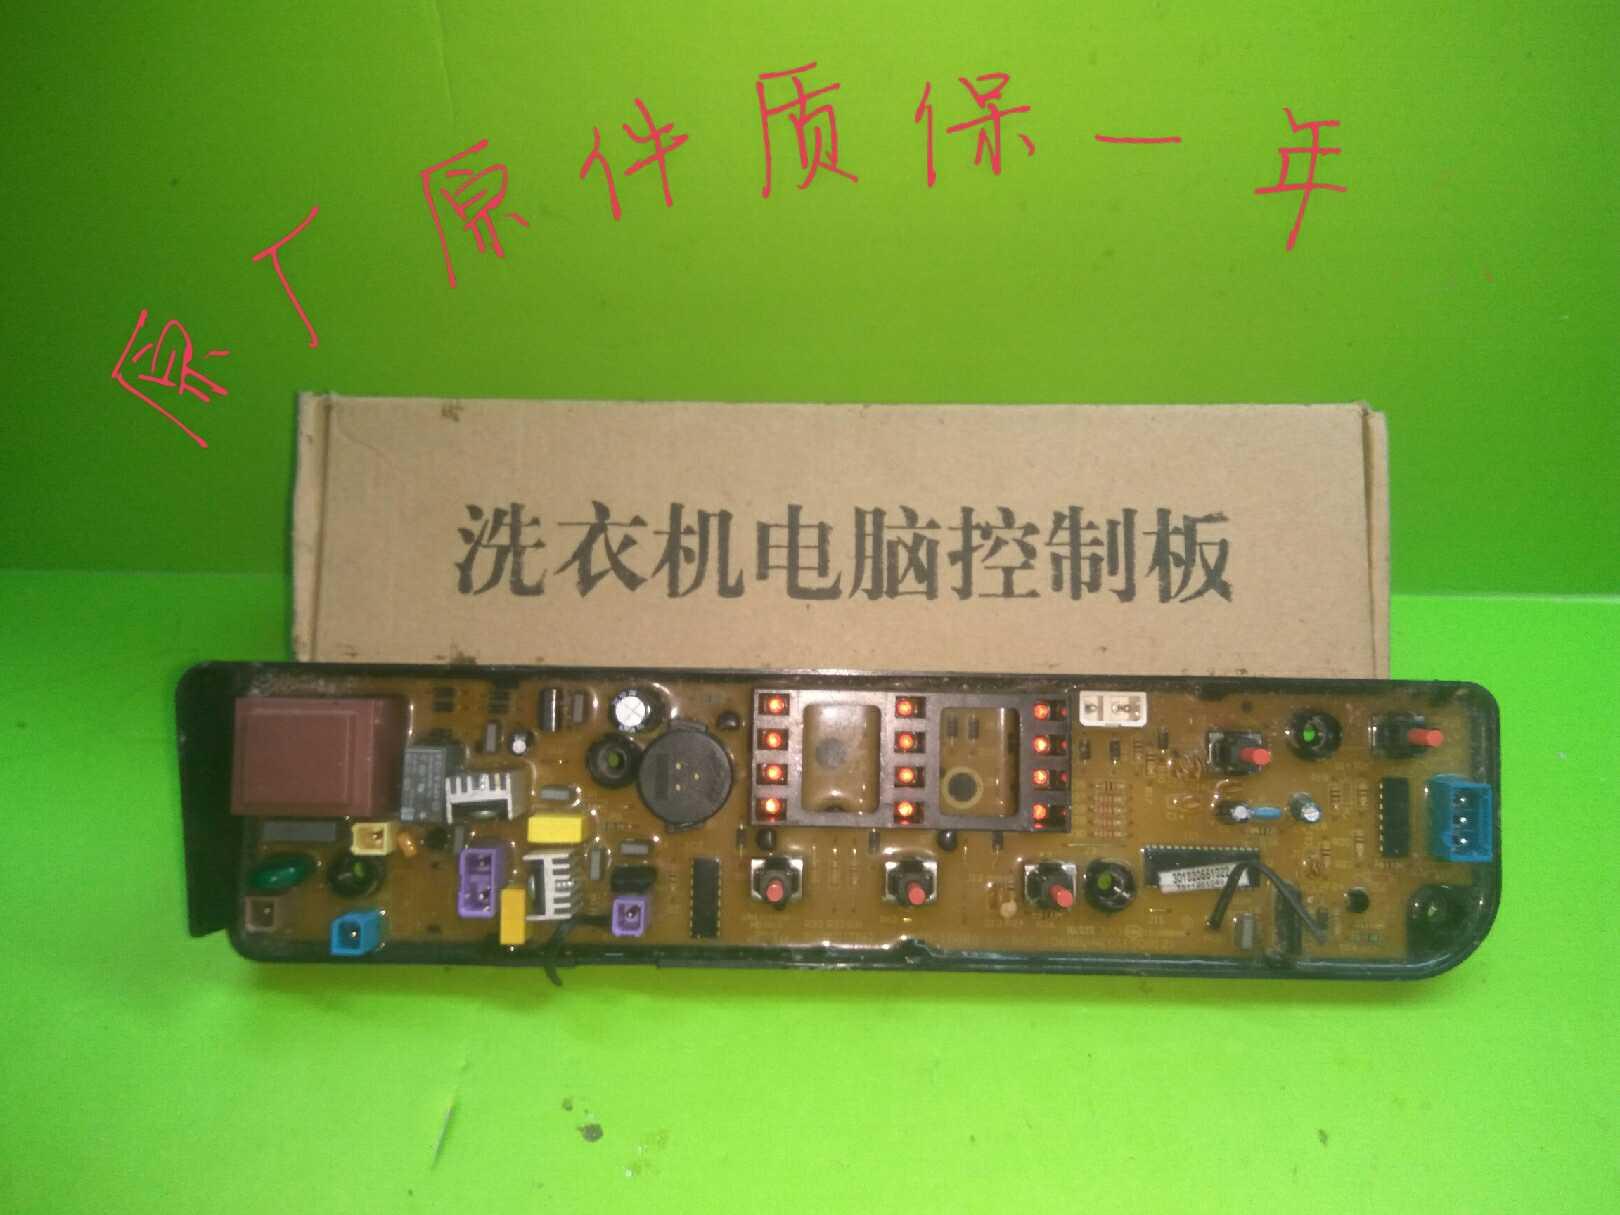 美的洗衣机MB50/53/55/MB60-3006G电脑板MB63/MB70/73-3006G 1068,可领取元淘宝优惠券